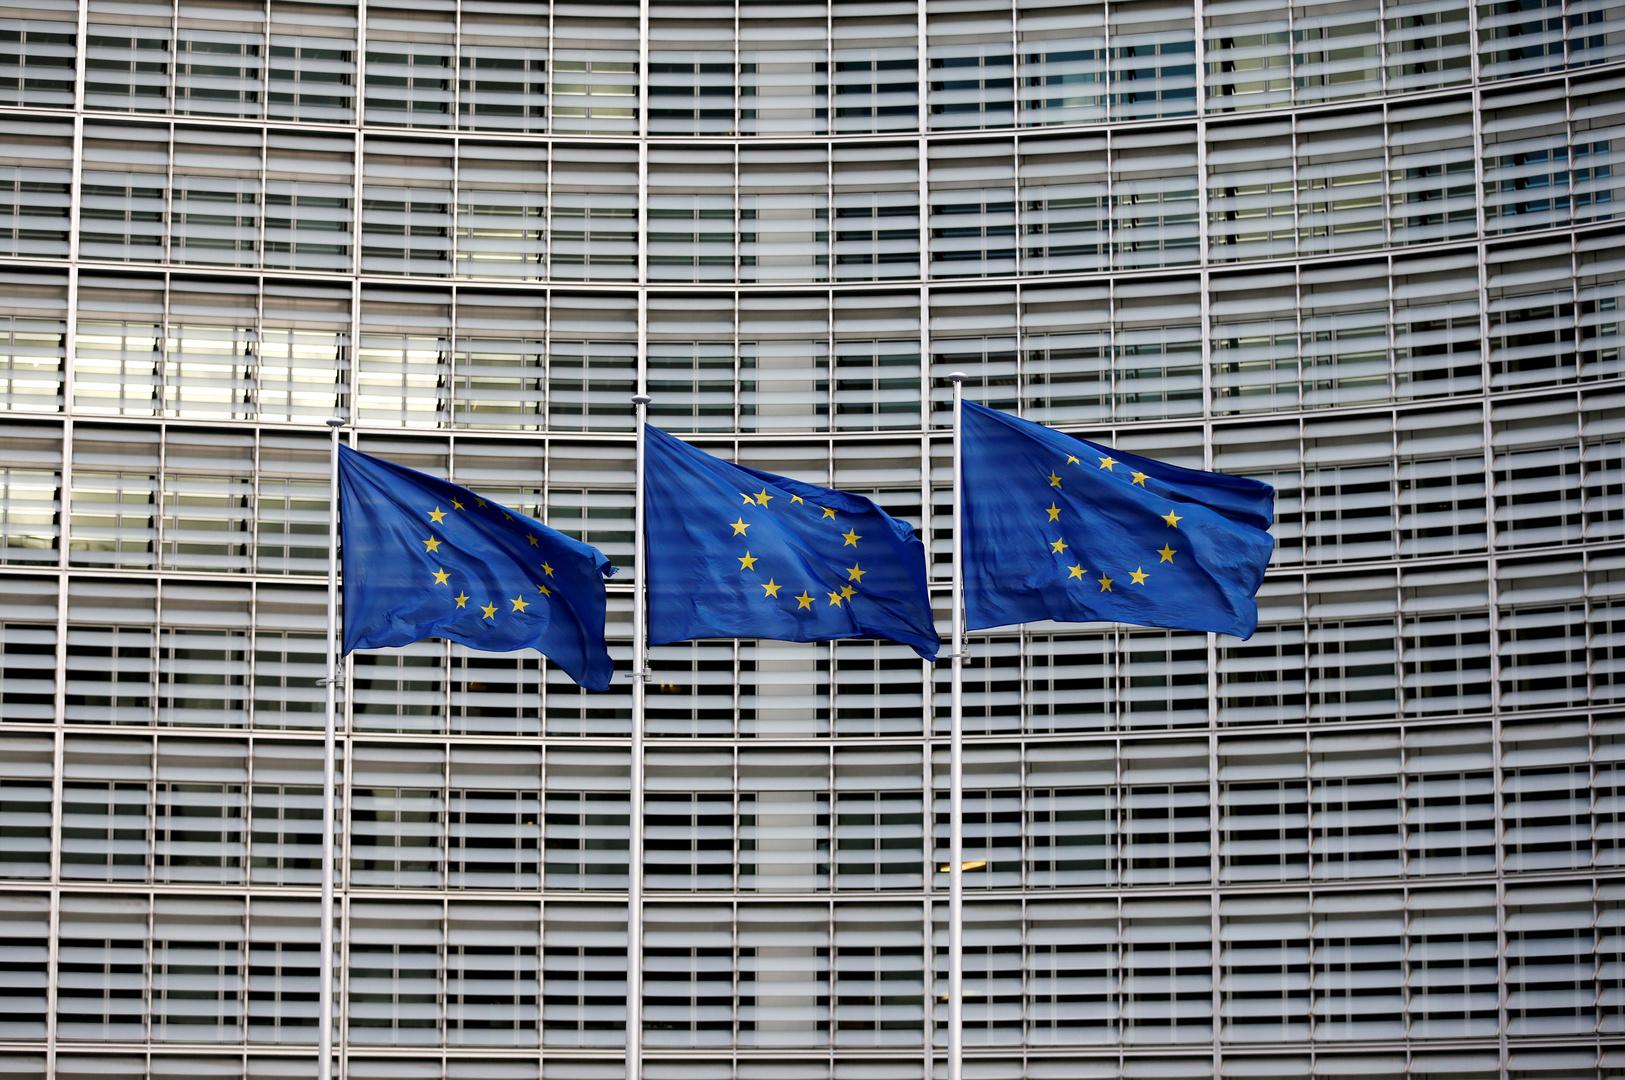 الاتحاد الأوروبي يعلن استعداده للحفاظ على التزامه البالغ 1.2 مليار يورو لأفغانستان